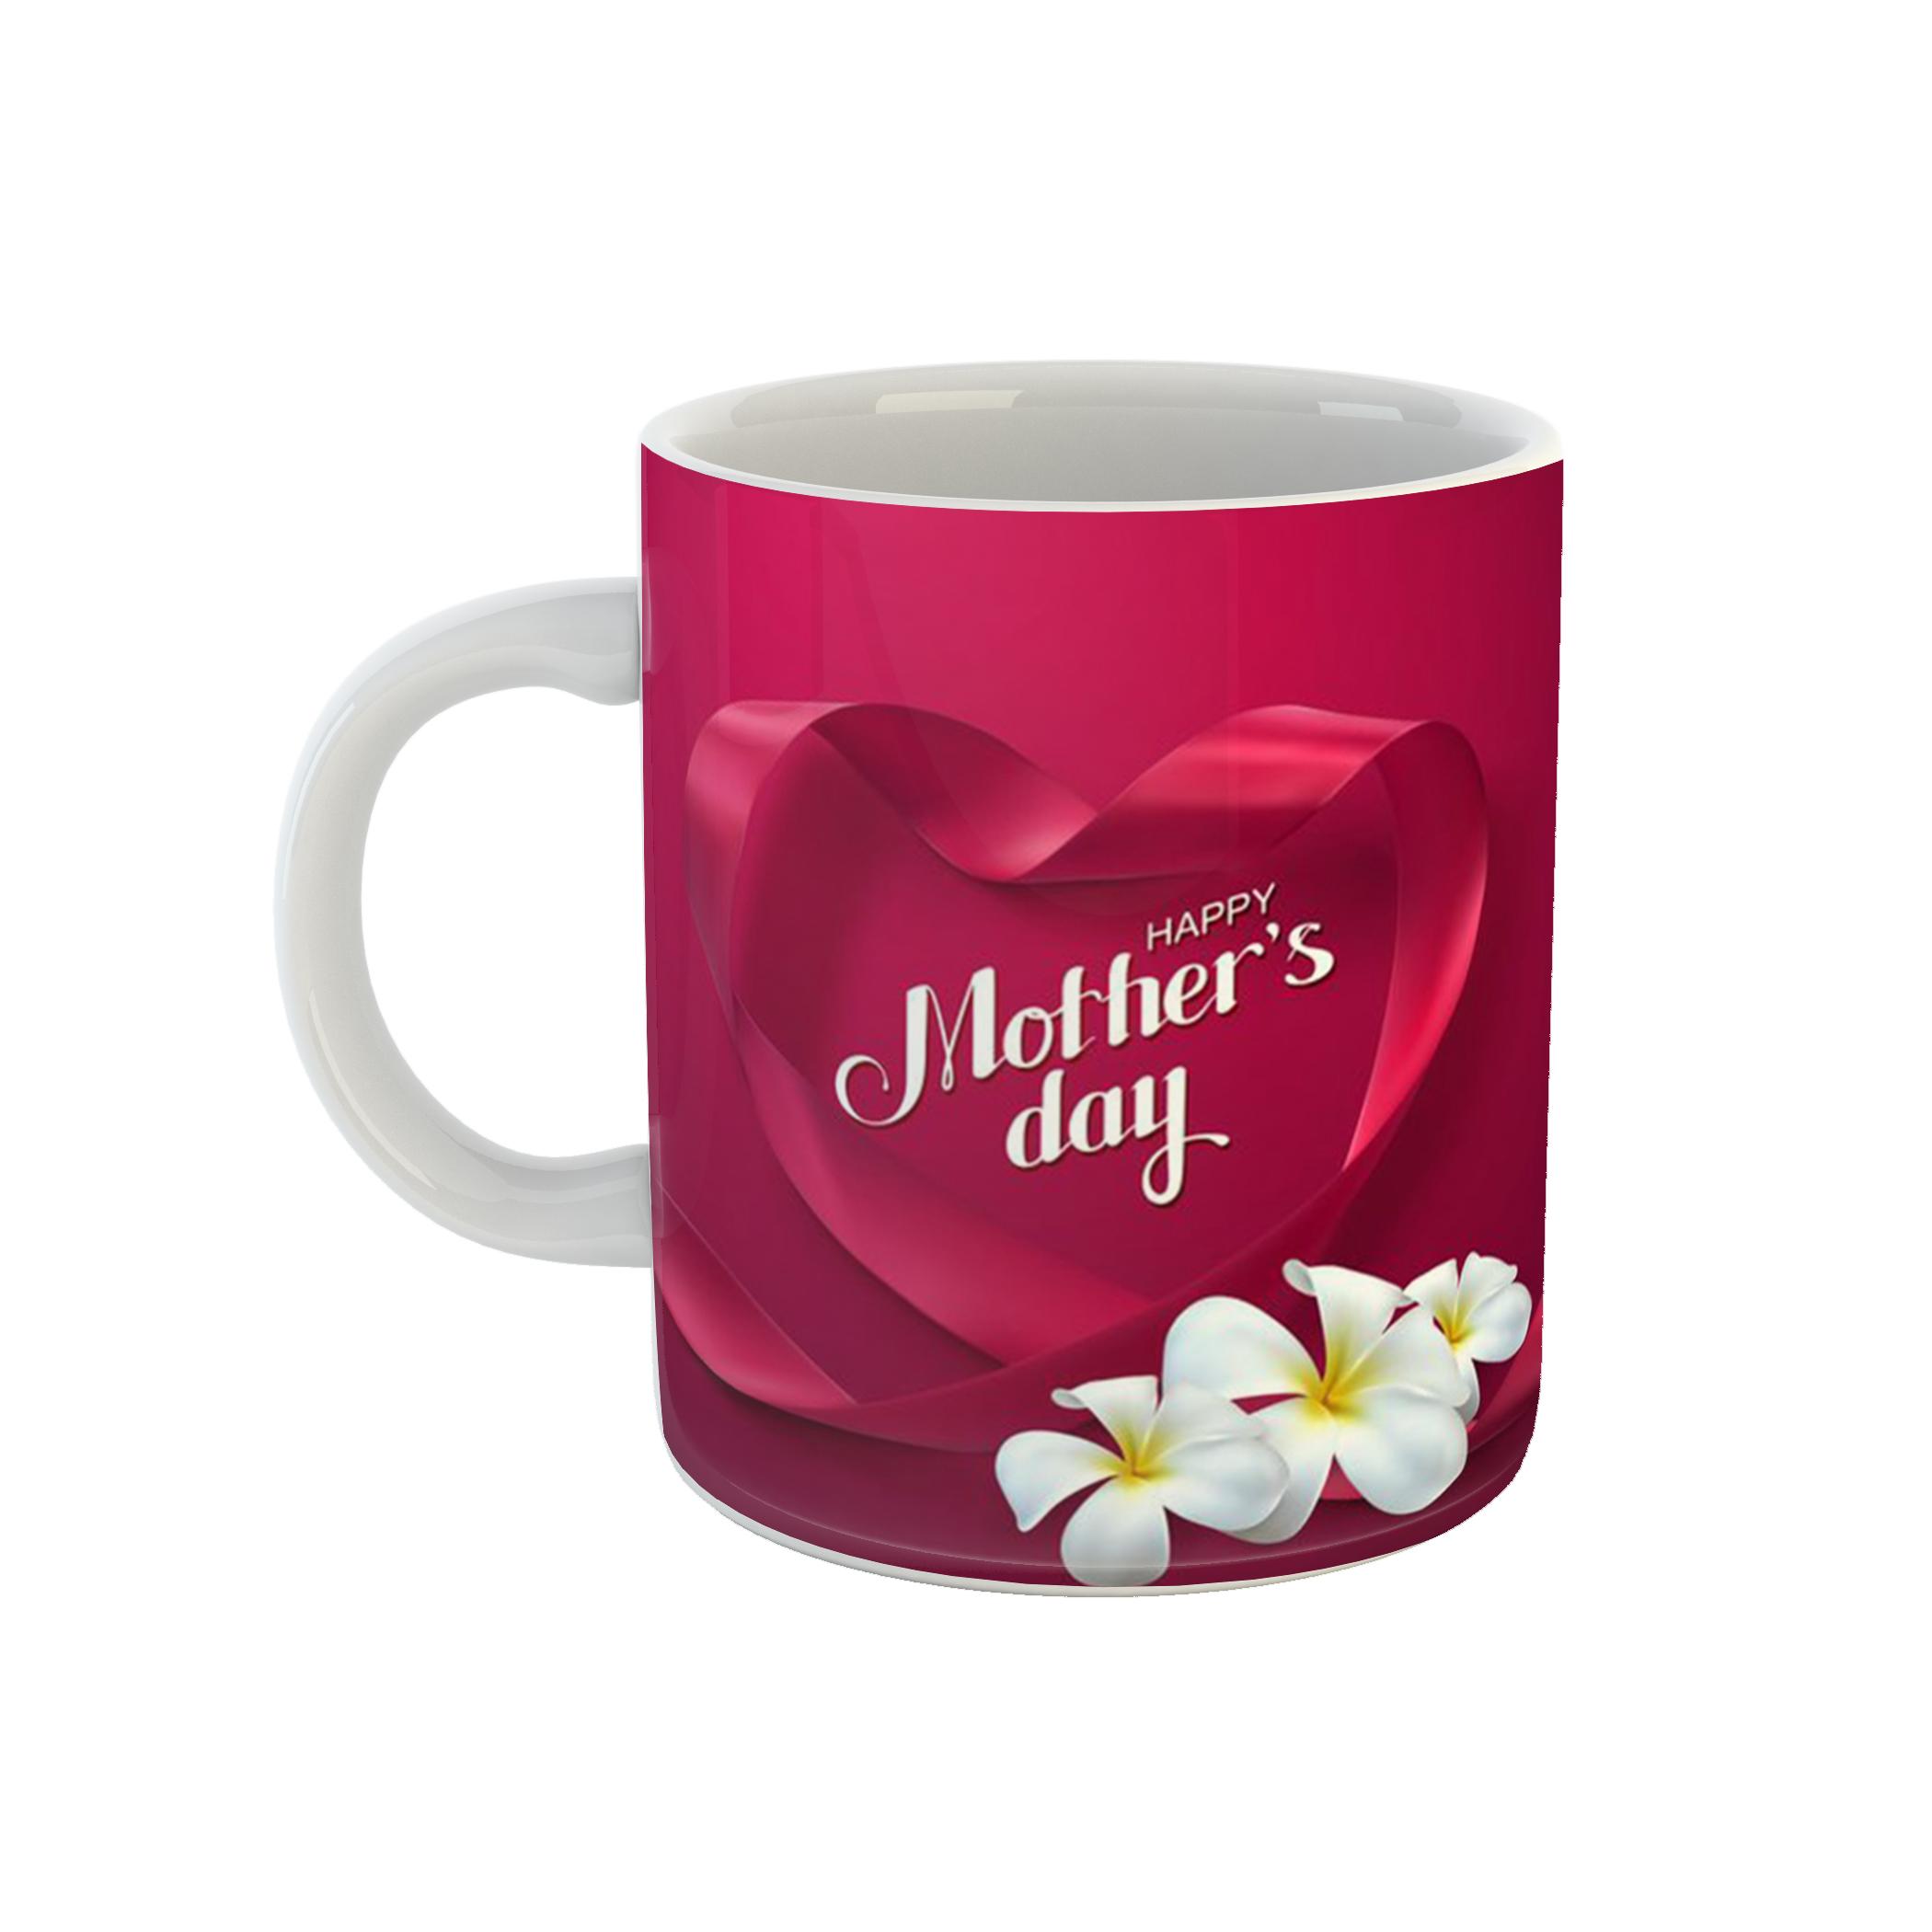 عکس ماگ طرح روز مادر کد 01